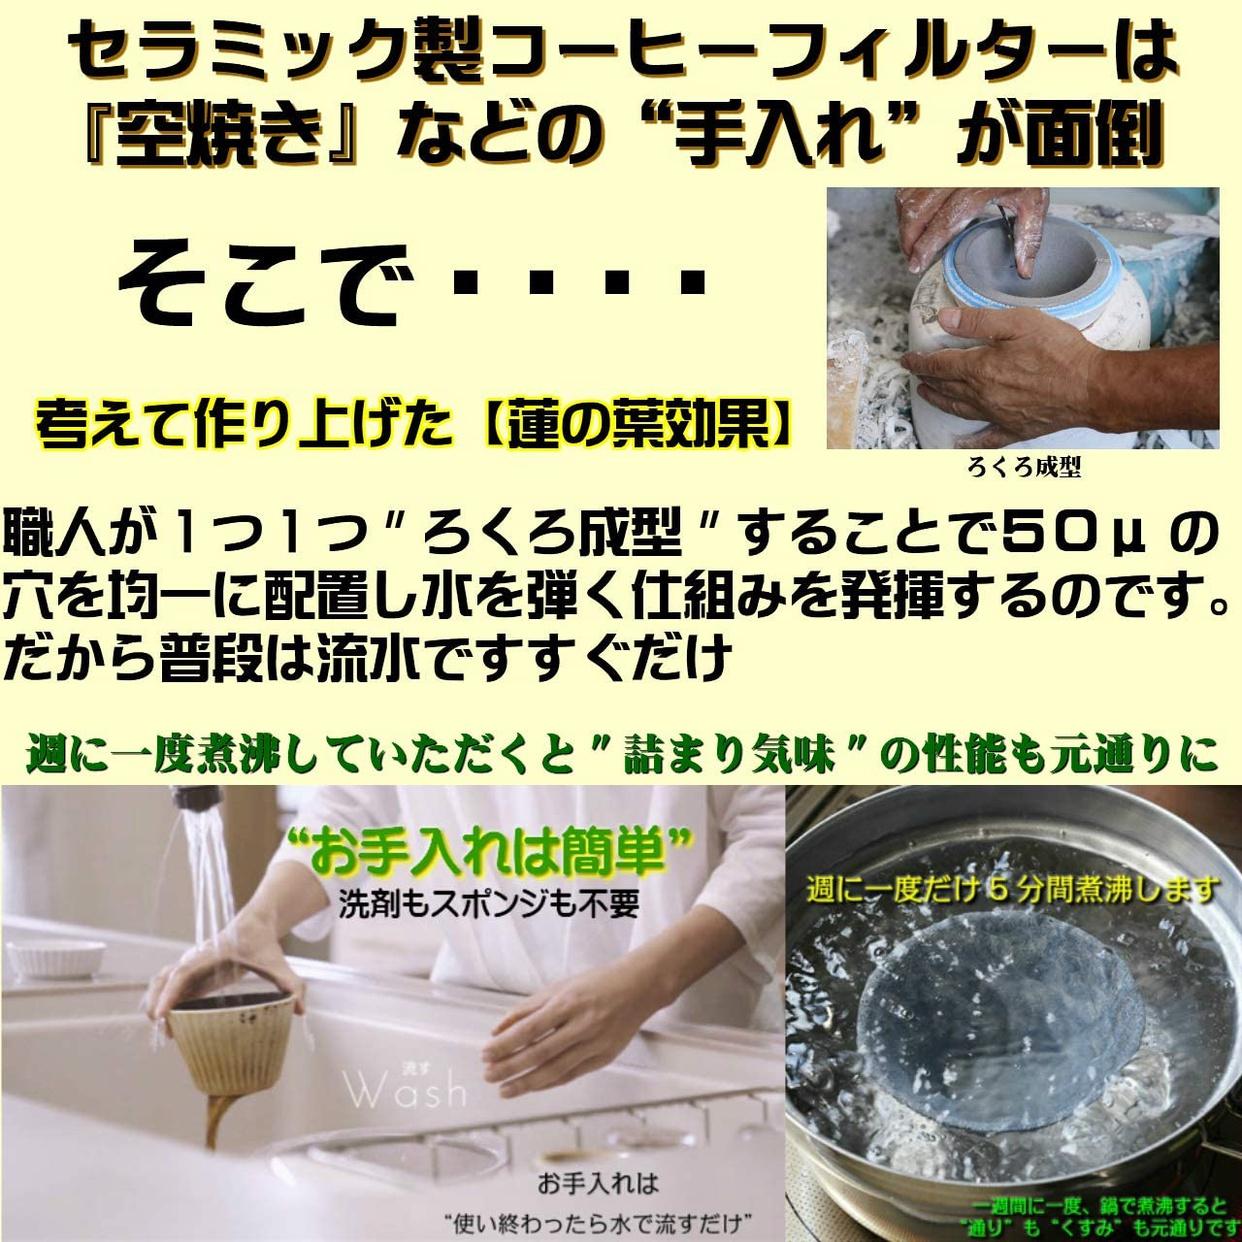 LI:FIL(リフィル) Fuji 波佐見焼きコーヒーフィルター・ドリッパーの商品画像5